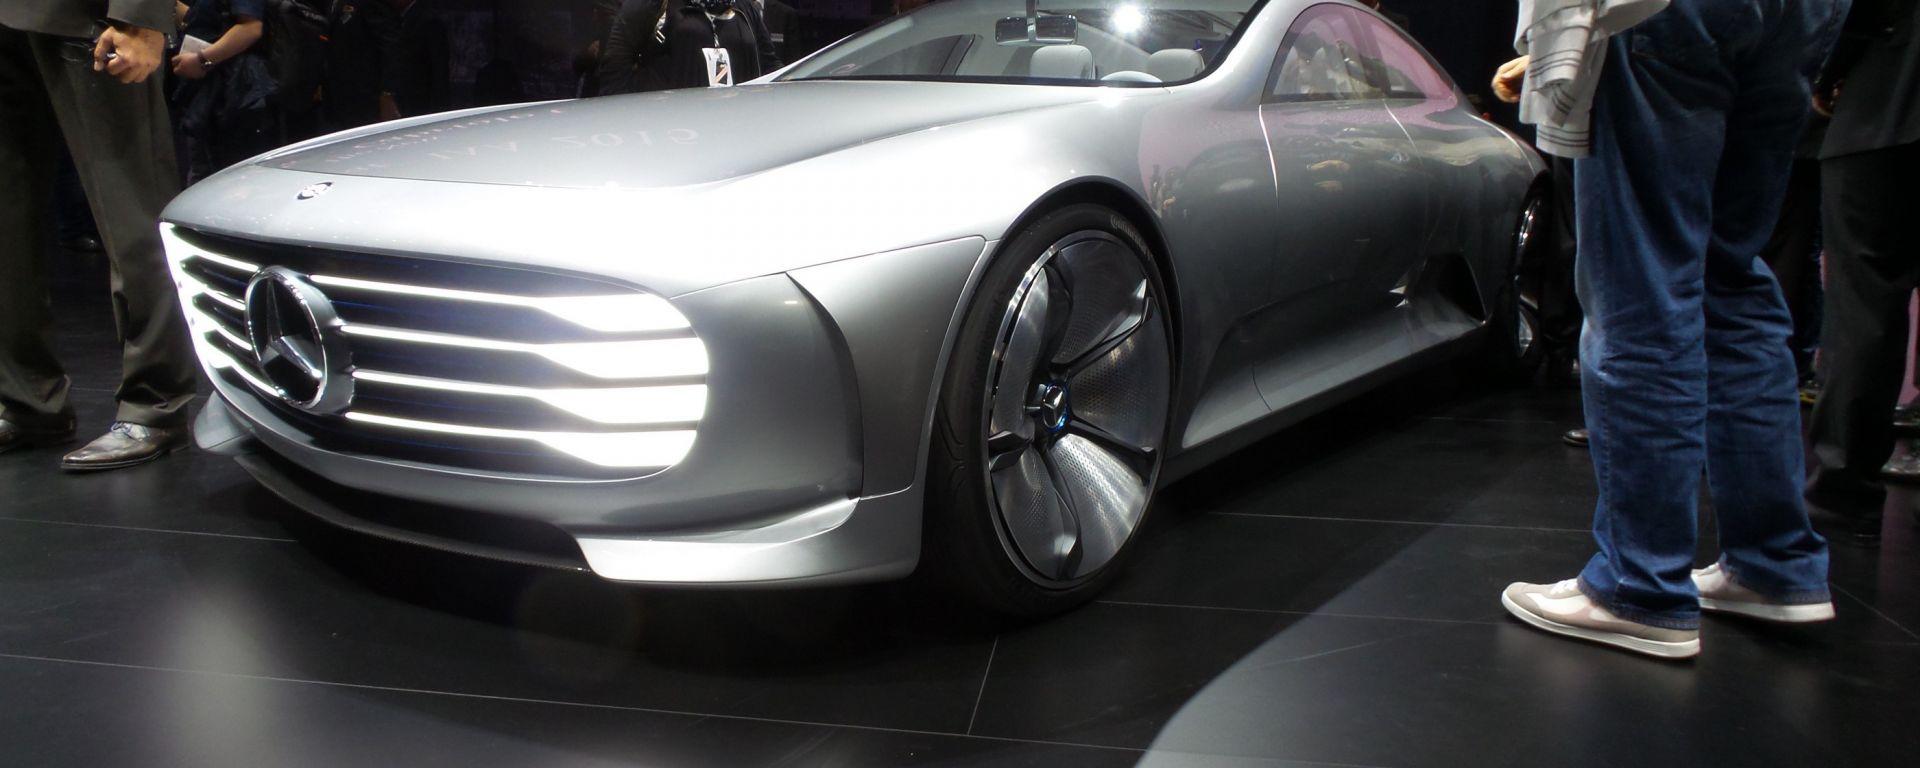 IAA Francoforte 2015: le novità Mercedes e Smart